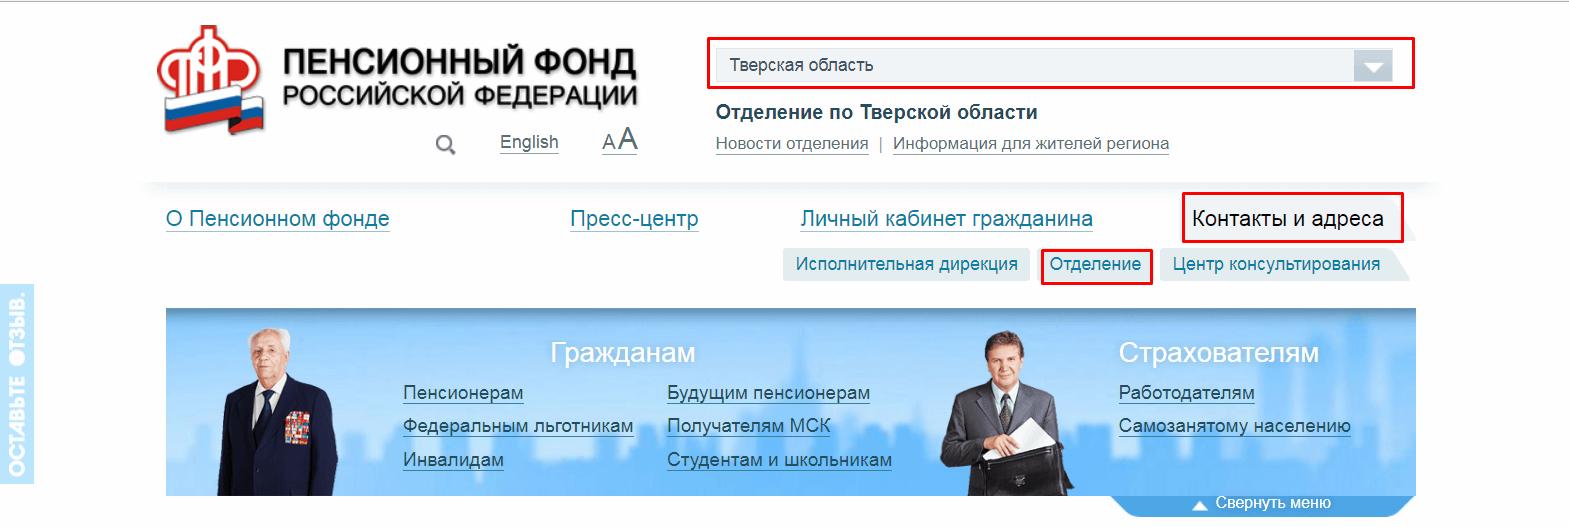 Пенсионный фонд Тверь